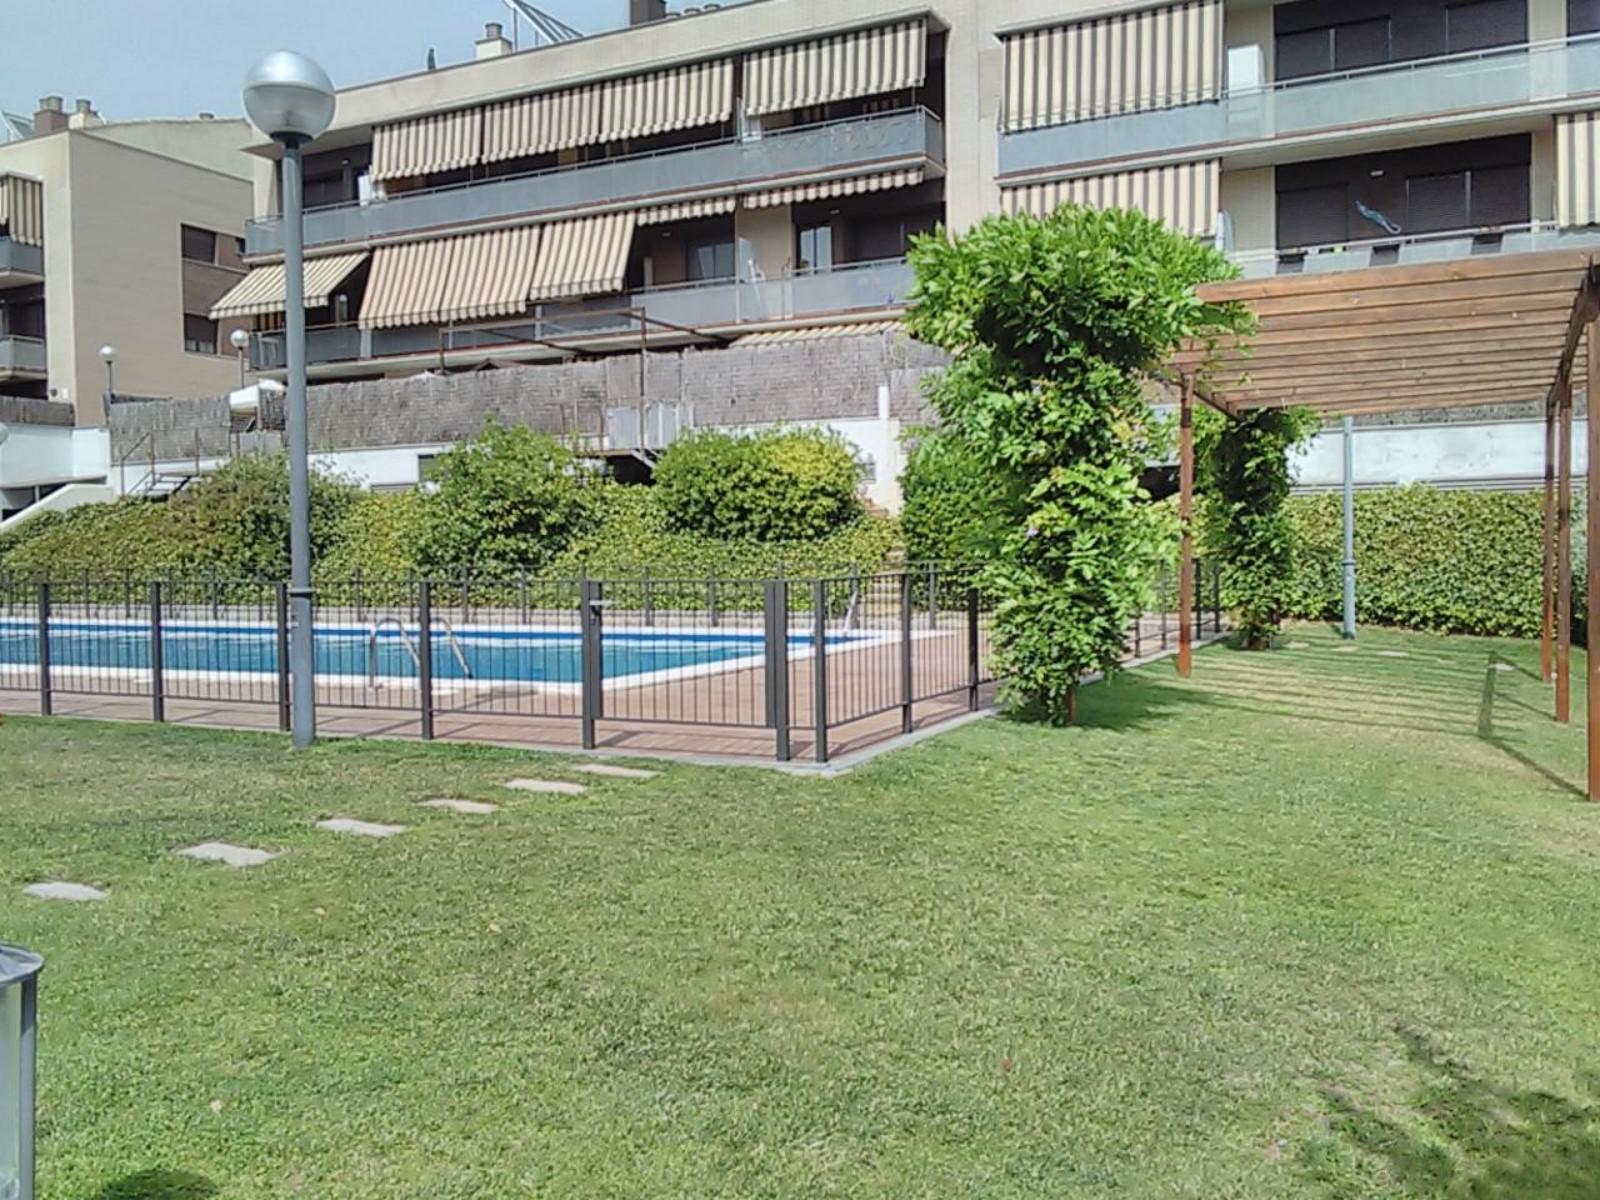 164984 - Duplex en Terrassa cerca Estacion Renfe Est